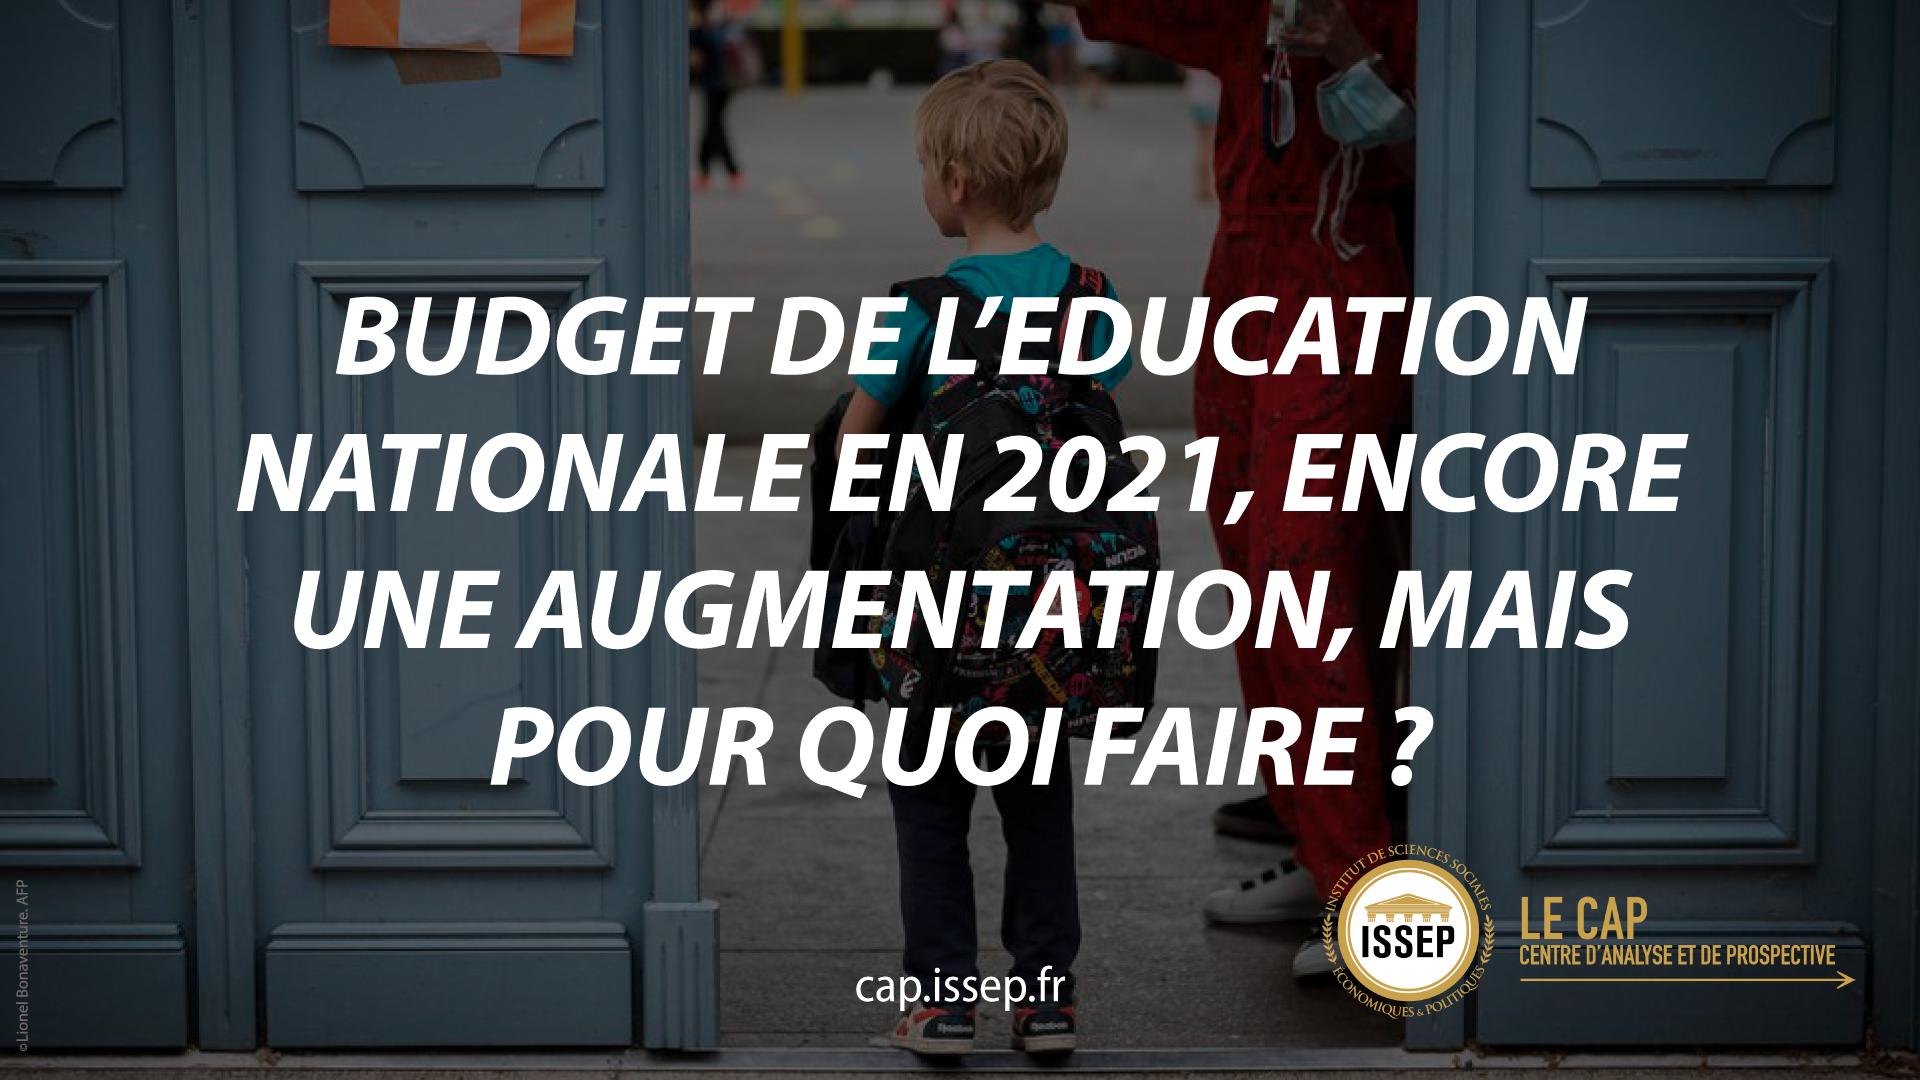 Note d'actualité | Budget de l'Education nationale en 2021, encore une augmentation, mais pour quoi faire ? | CAP de l'ISSEP